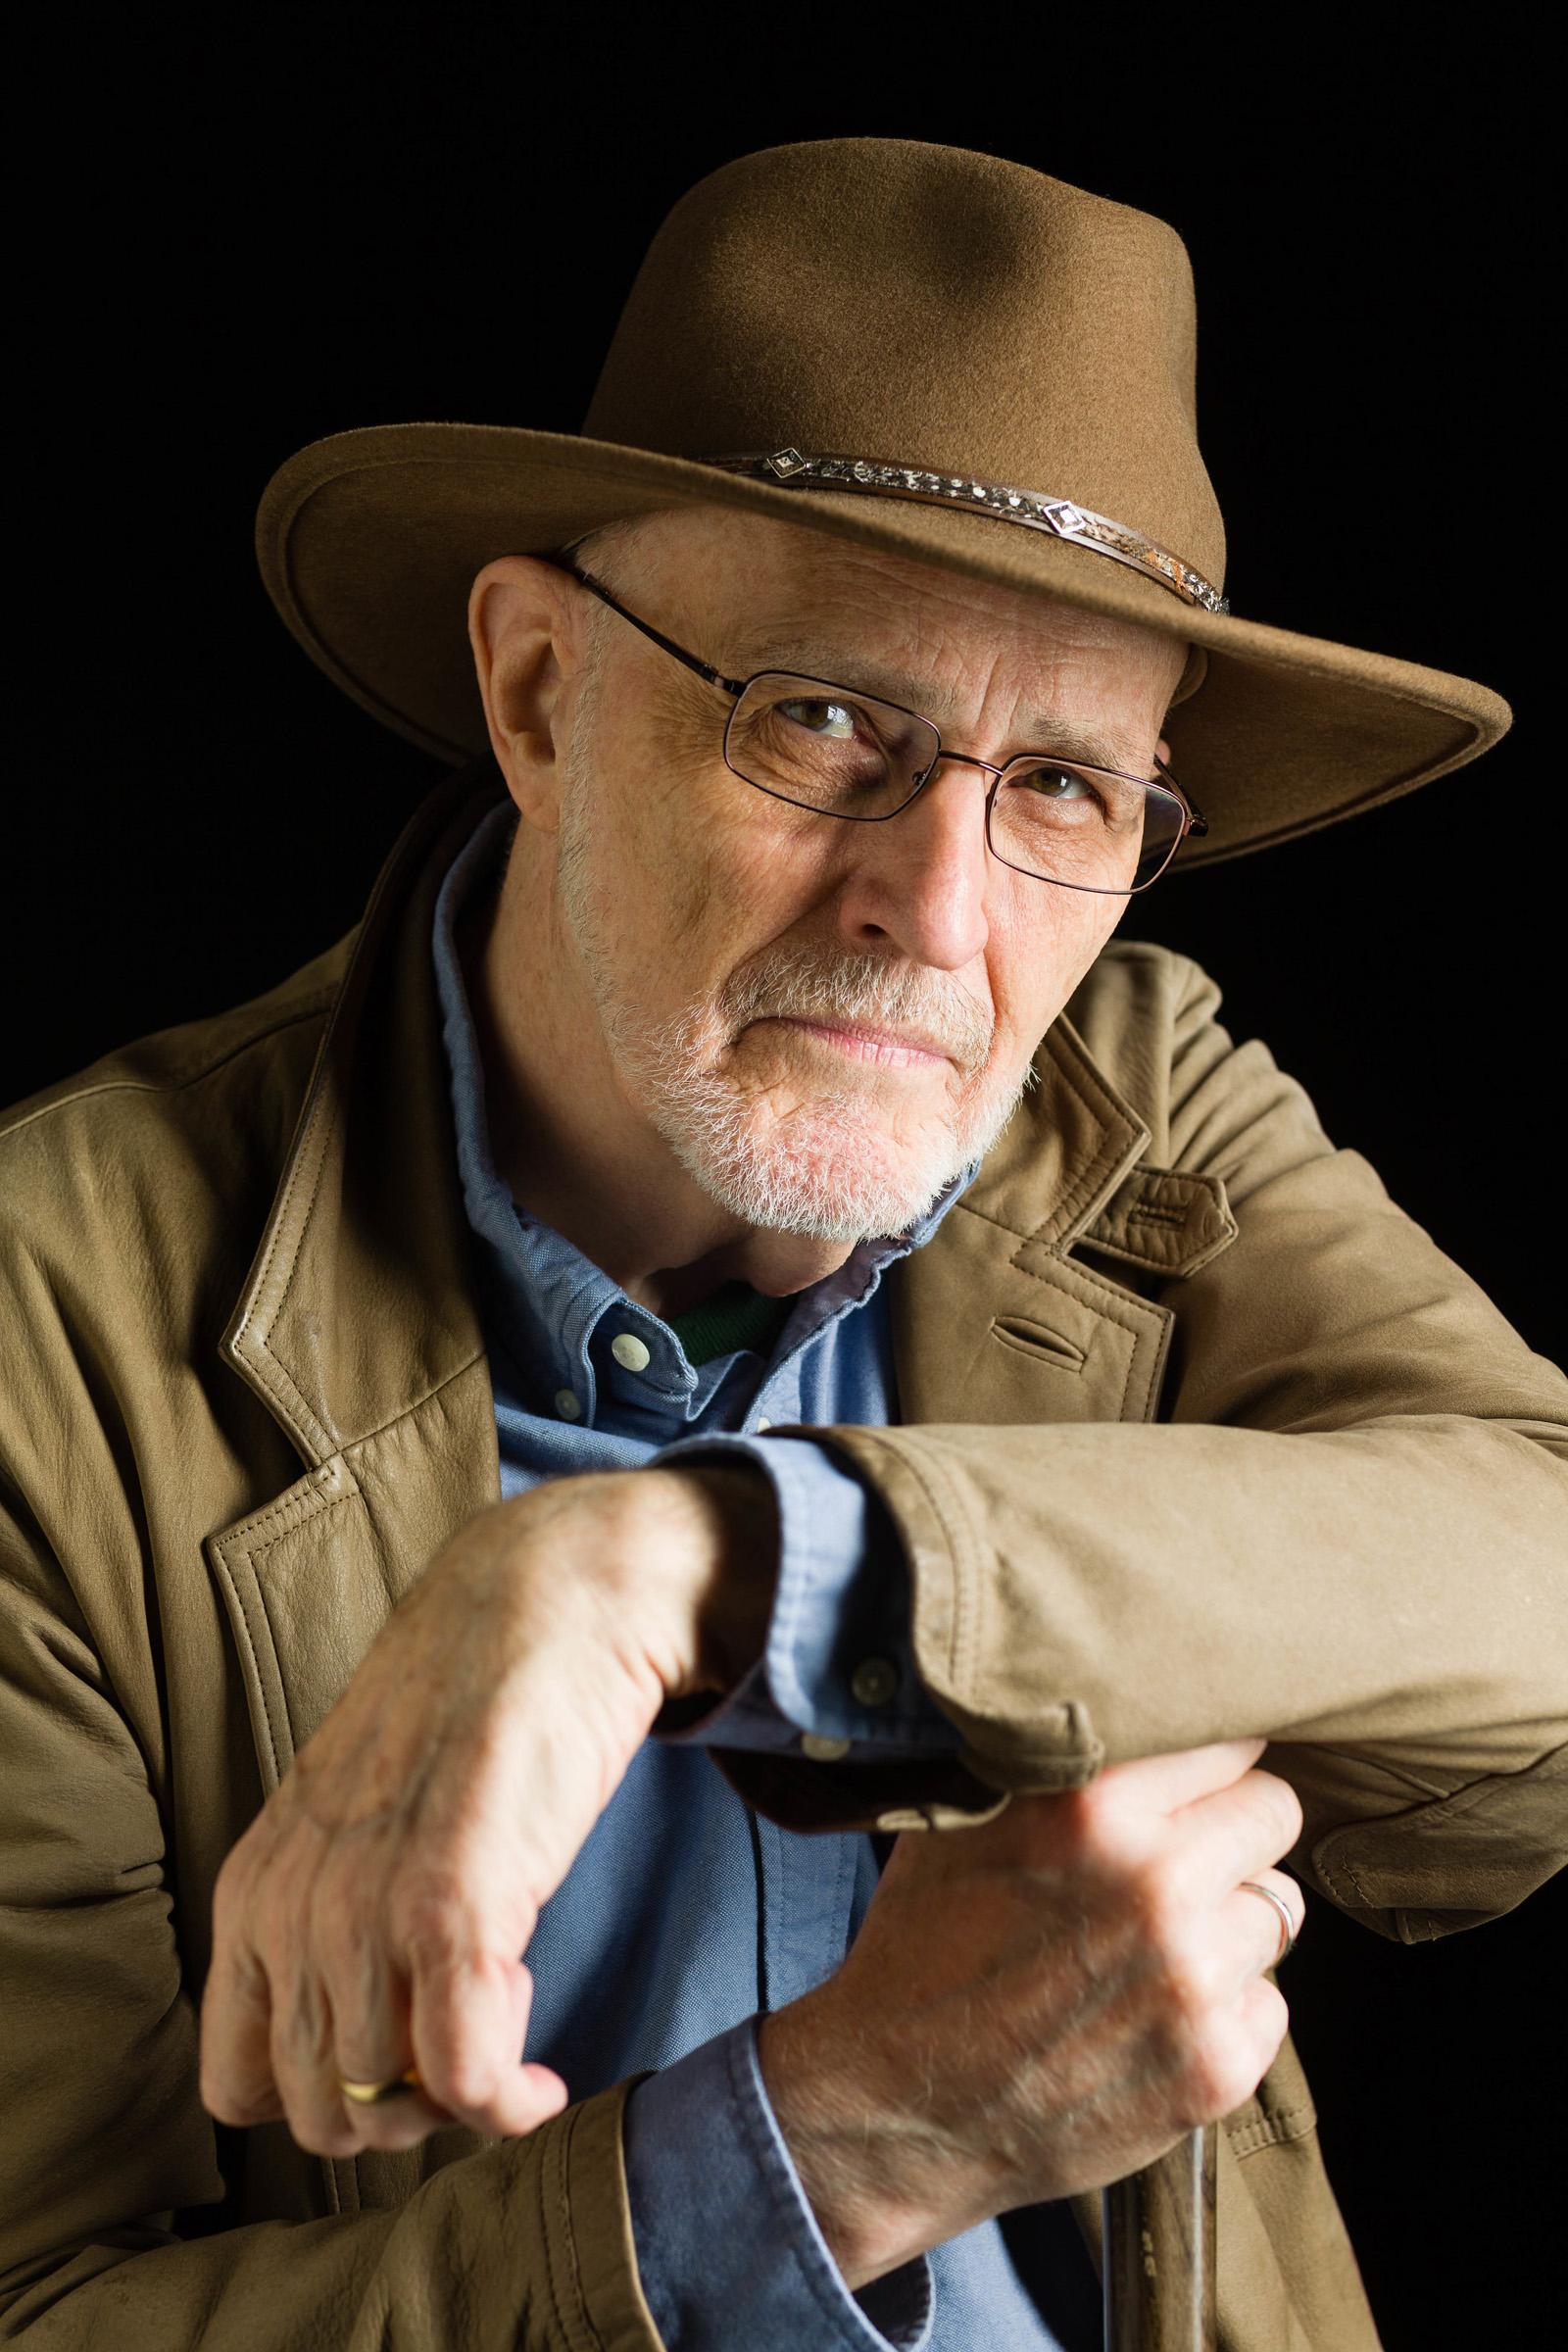 Richard Snodgrass